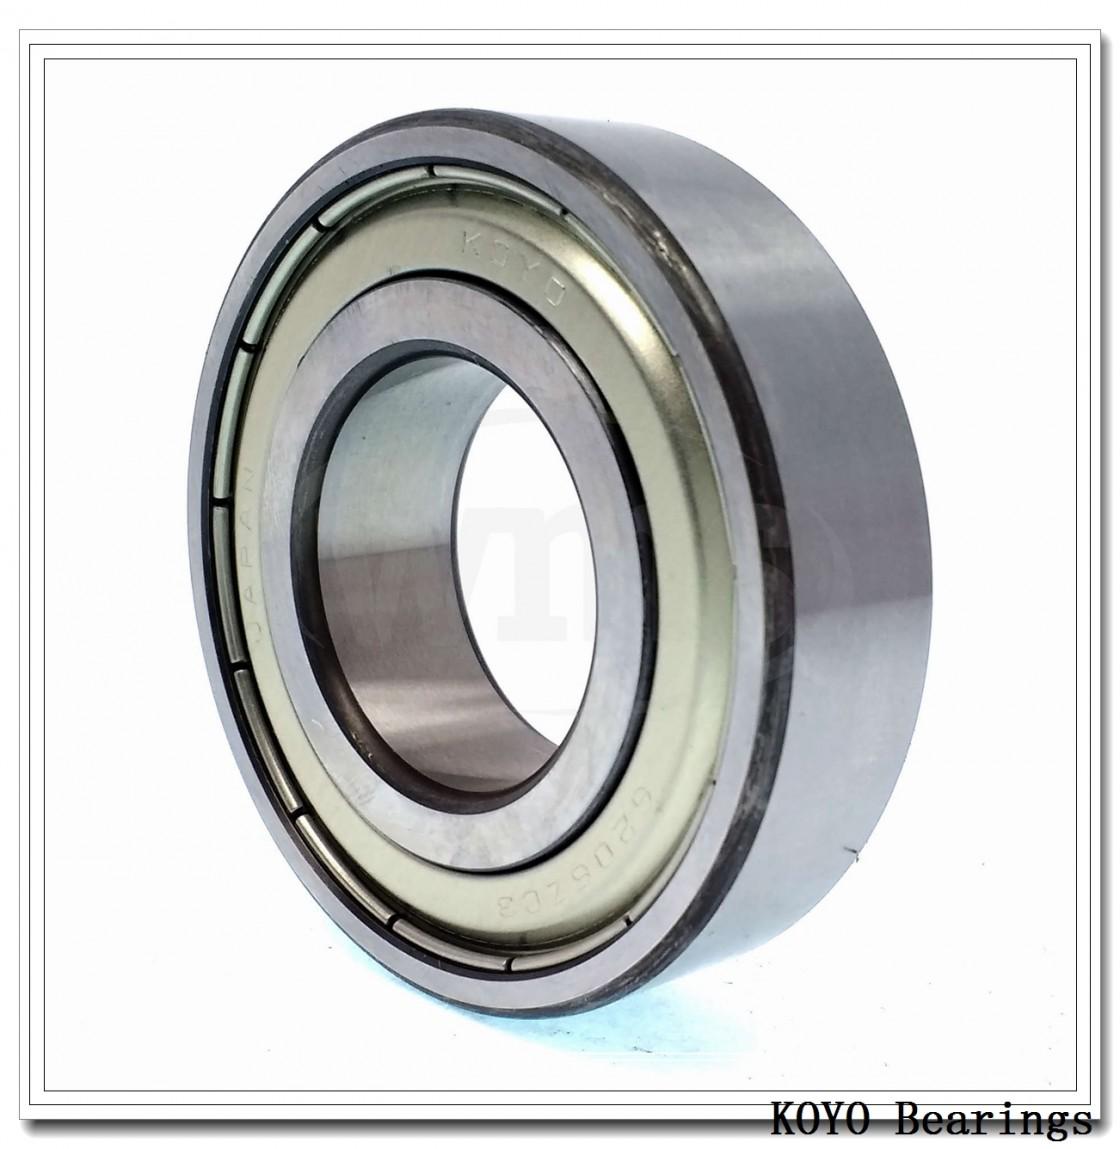 KOYO 47487R/47420 tapered roller bearings